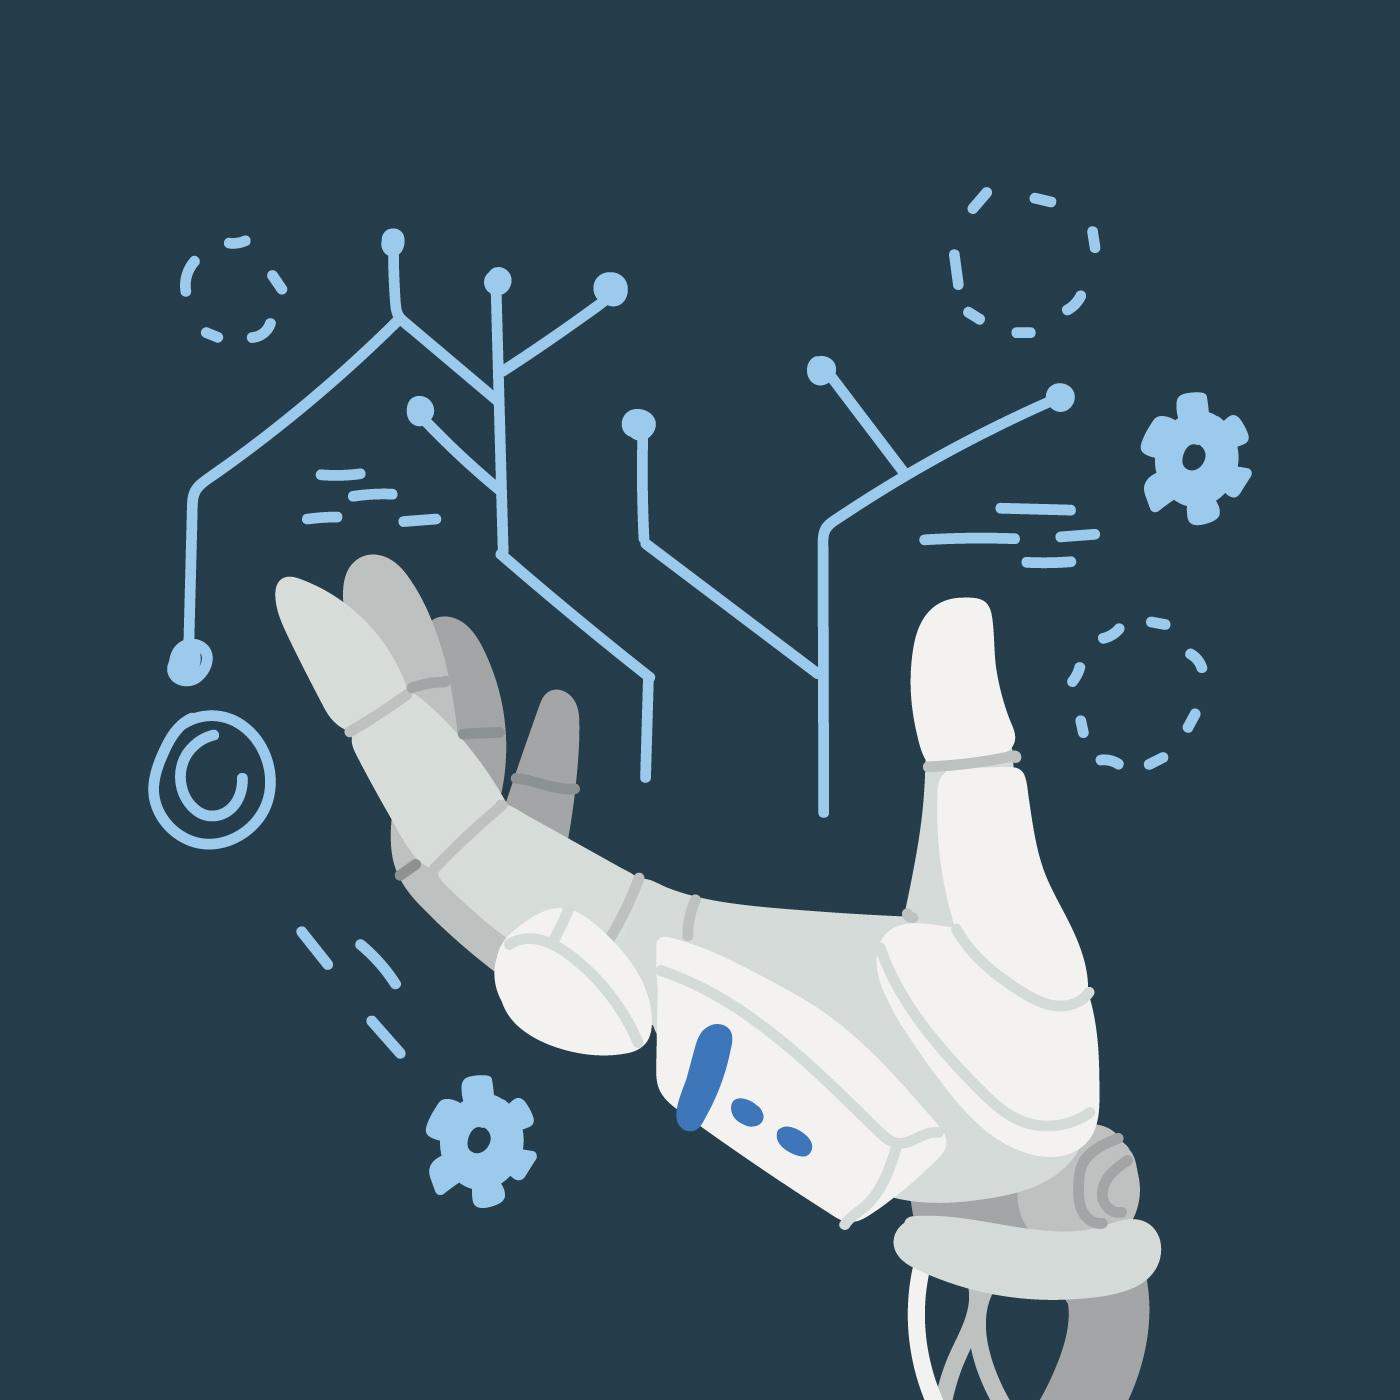 Robotic Hand 429993 - Download Free Vectors, Clipart Graphics & Vector Art